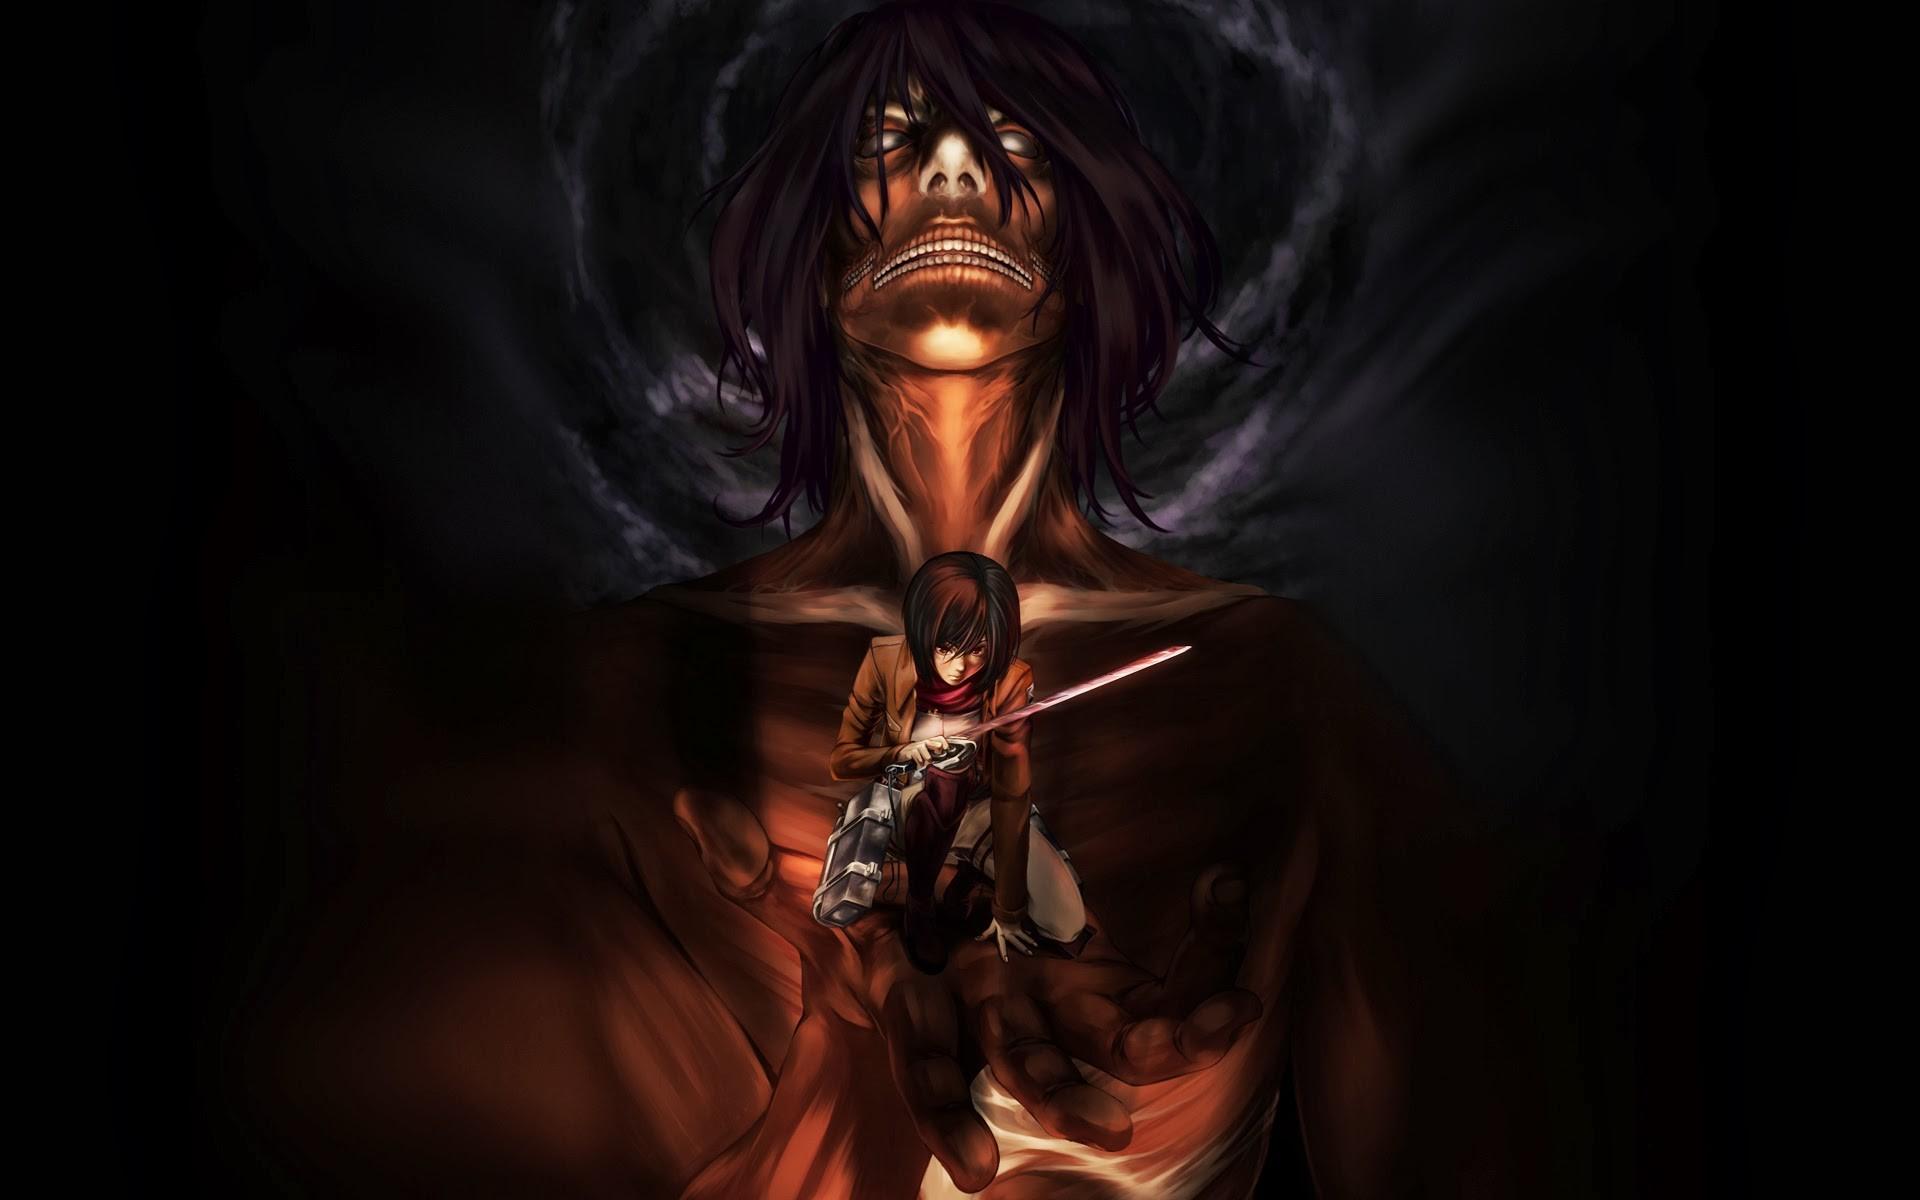 Anime – Attack On Titan Mikasa Ackerman Eren Yeager Wallpaper